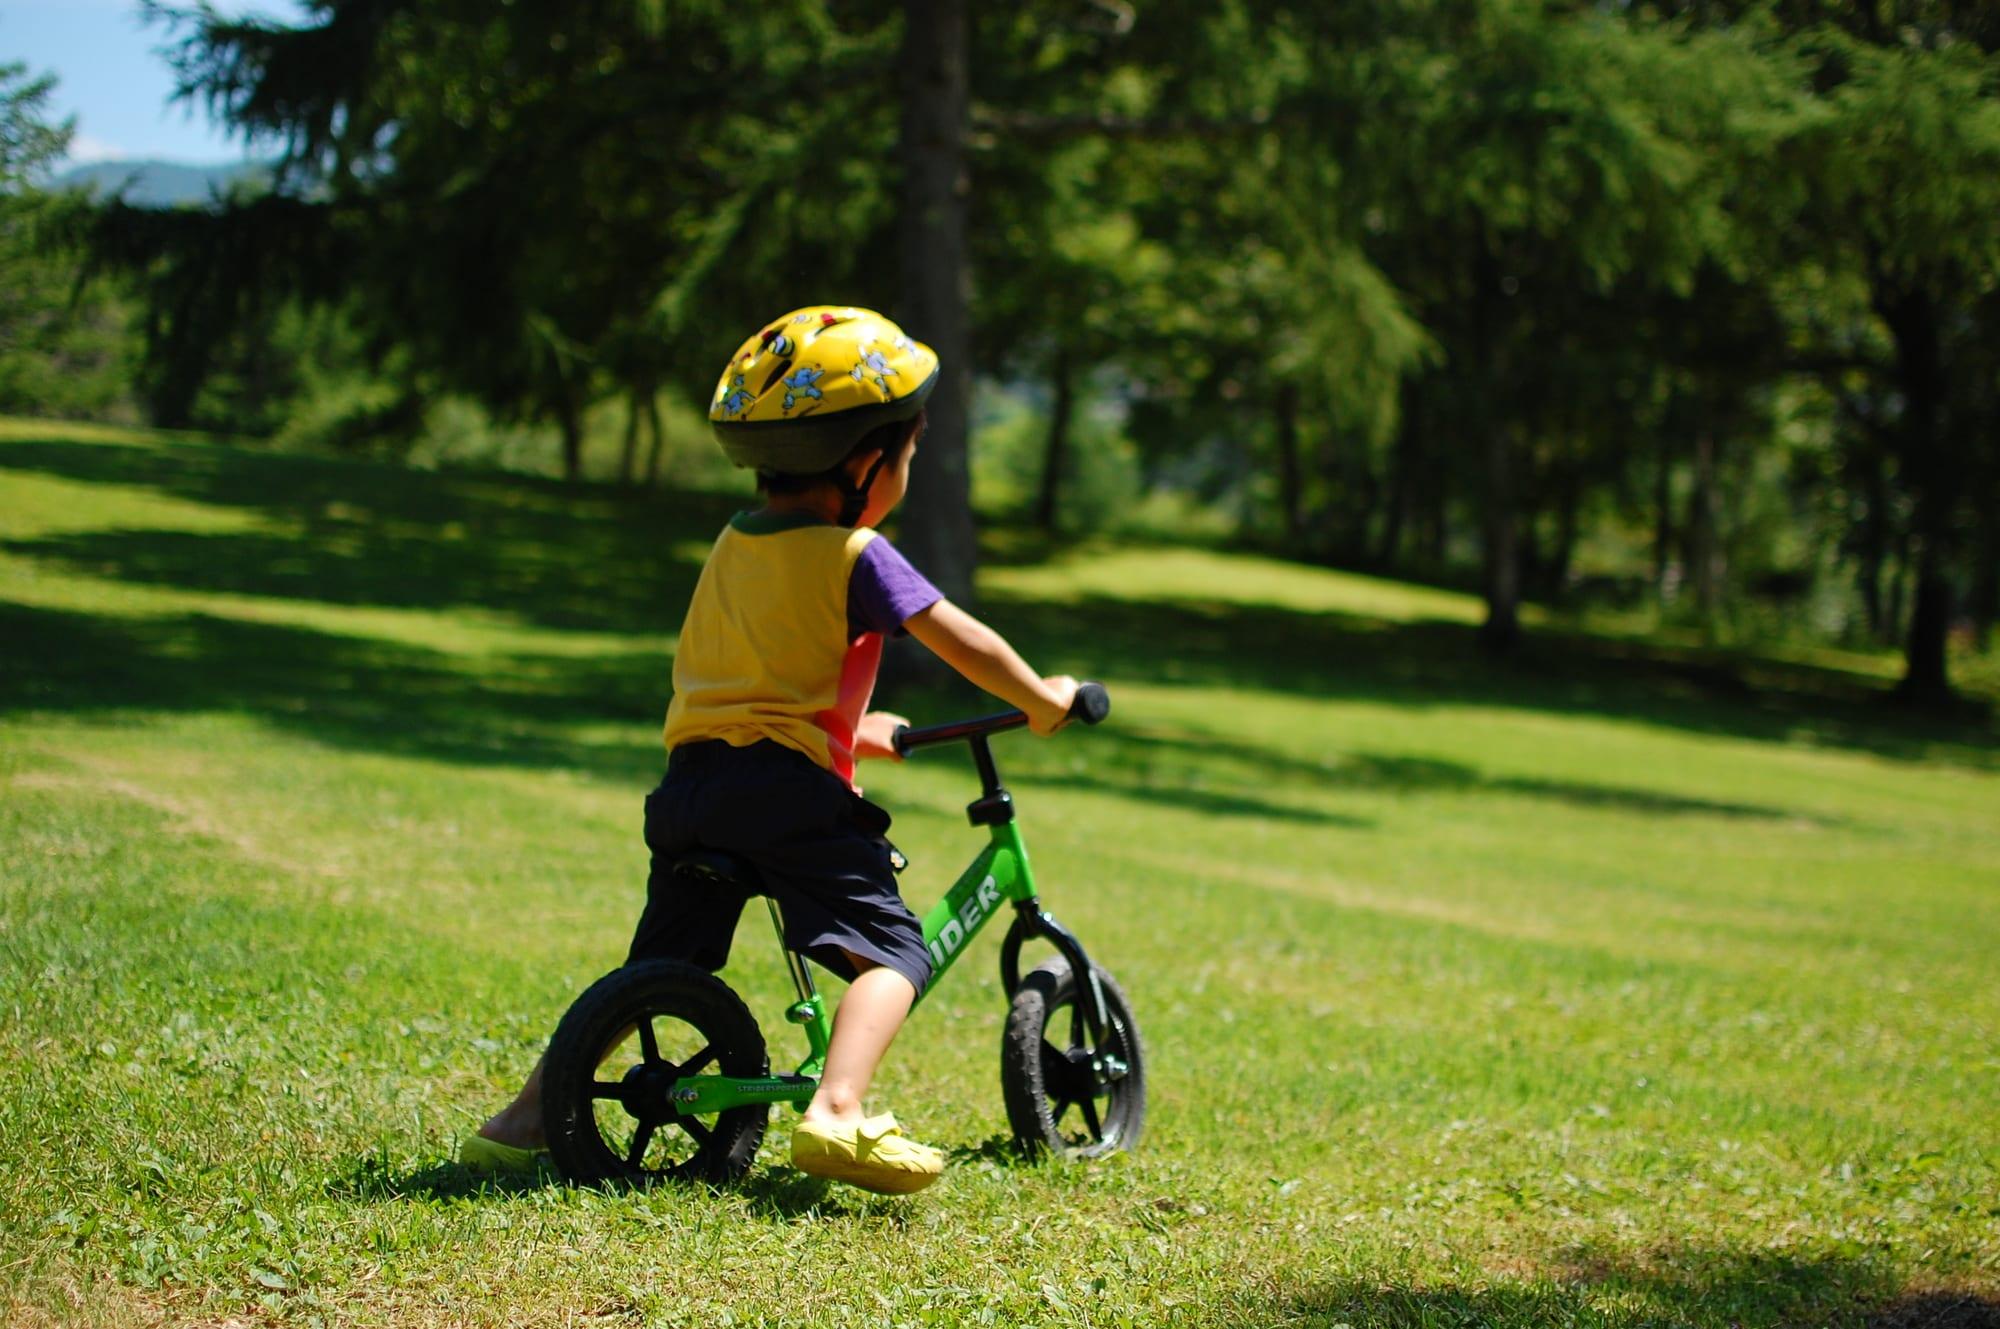 キックバイクで遊ぶときも、ヘルメットをかぶらせましょう